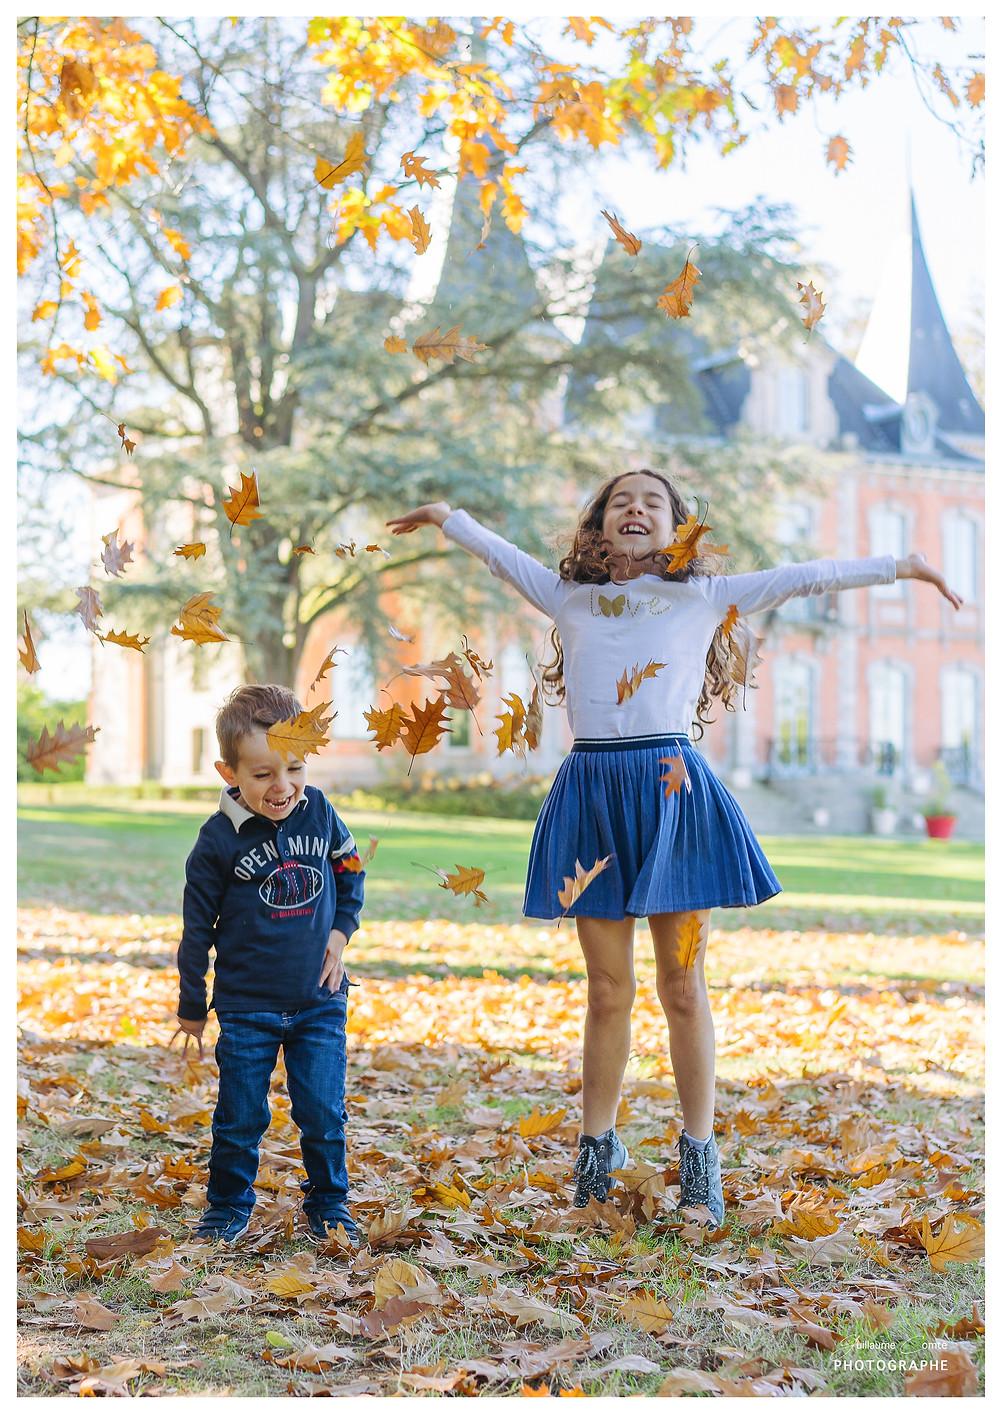 Photographe Mini Séances Automne Limoges Limousin Nature Famille Enfants Lifestyle